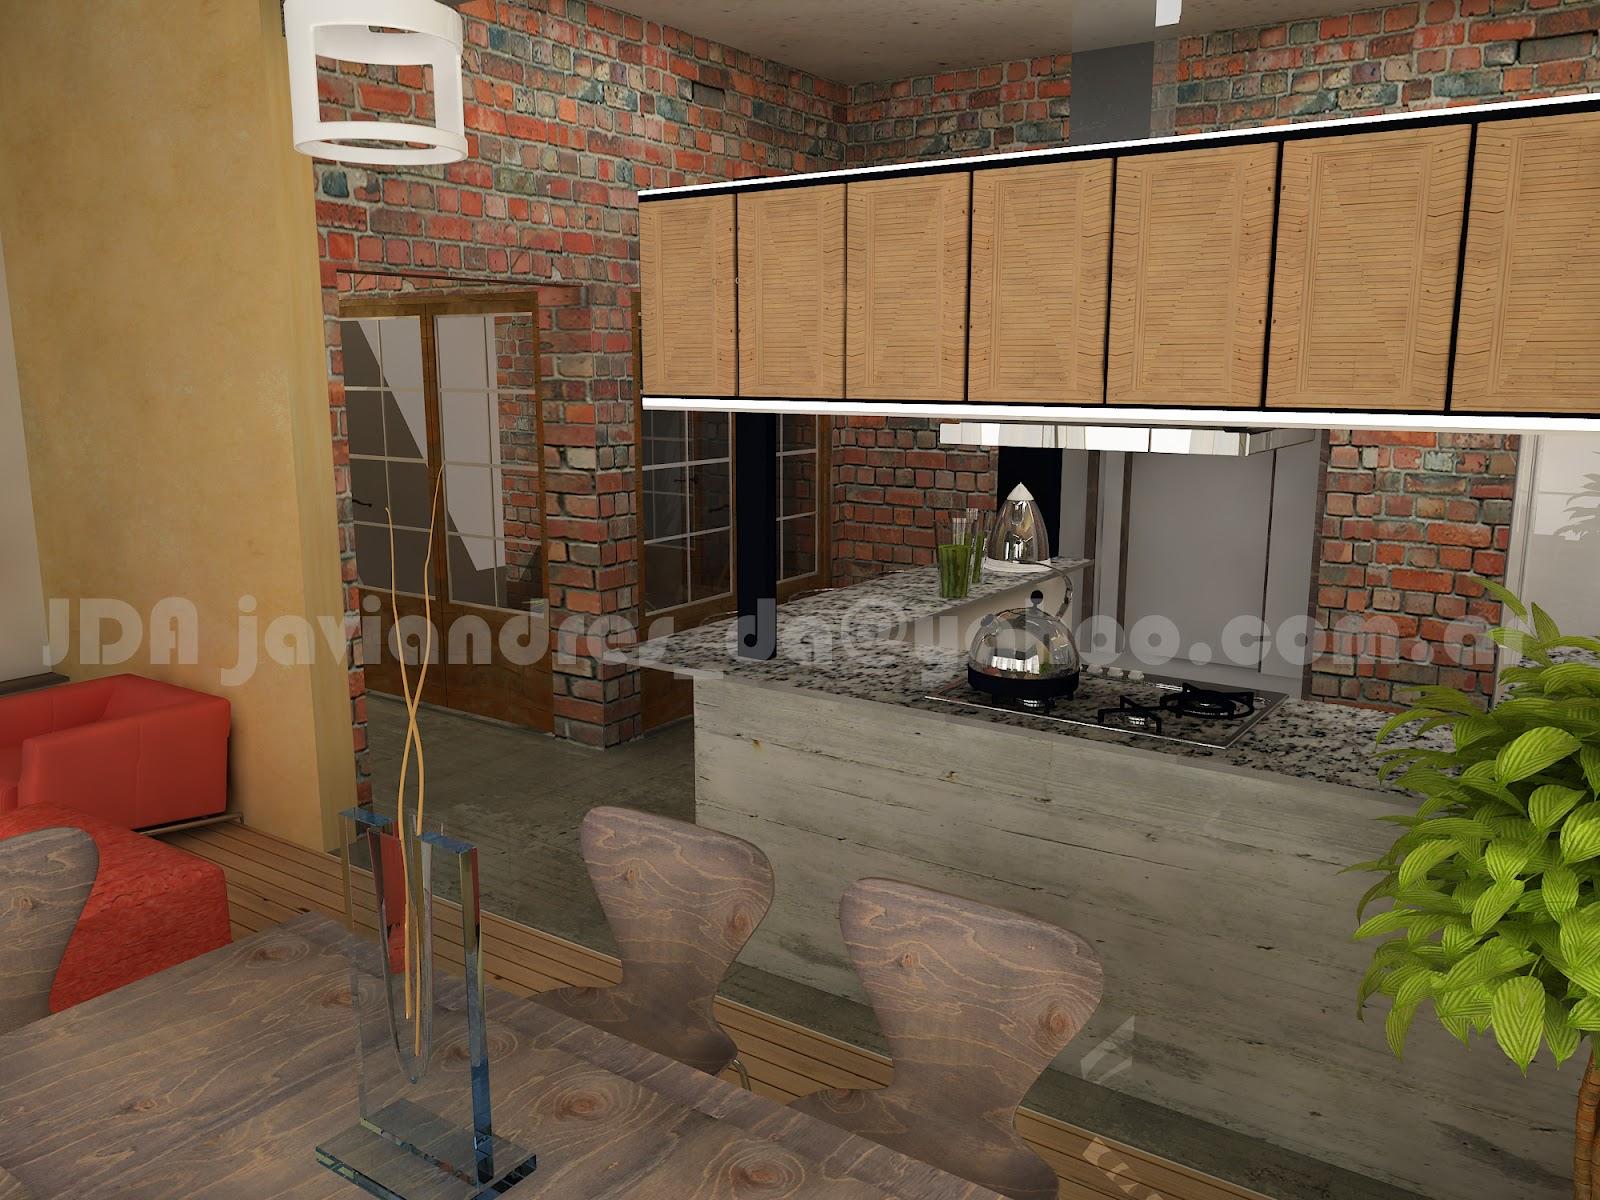 Arquitec maquetas remodelaci n 3d casa antigua buenos aires for Remodelacion de casas viejas